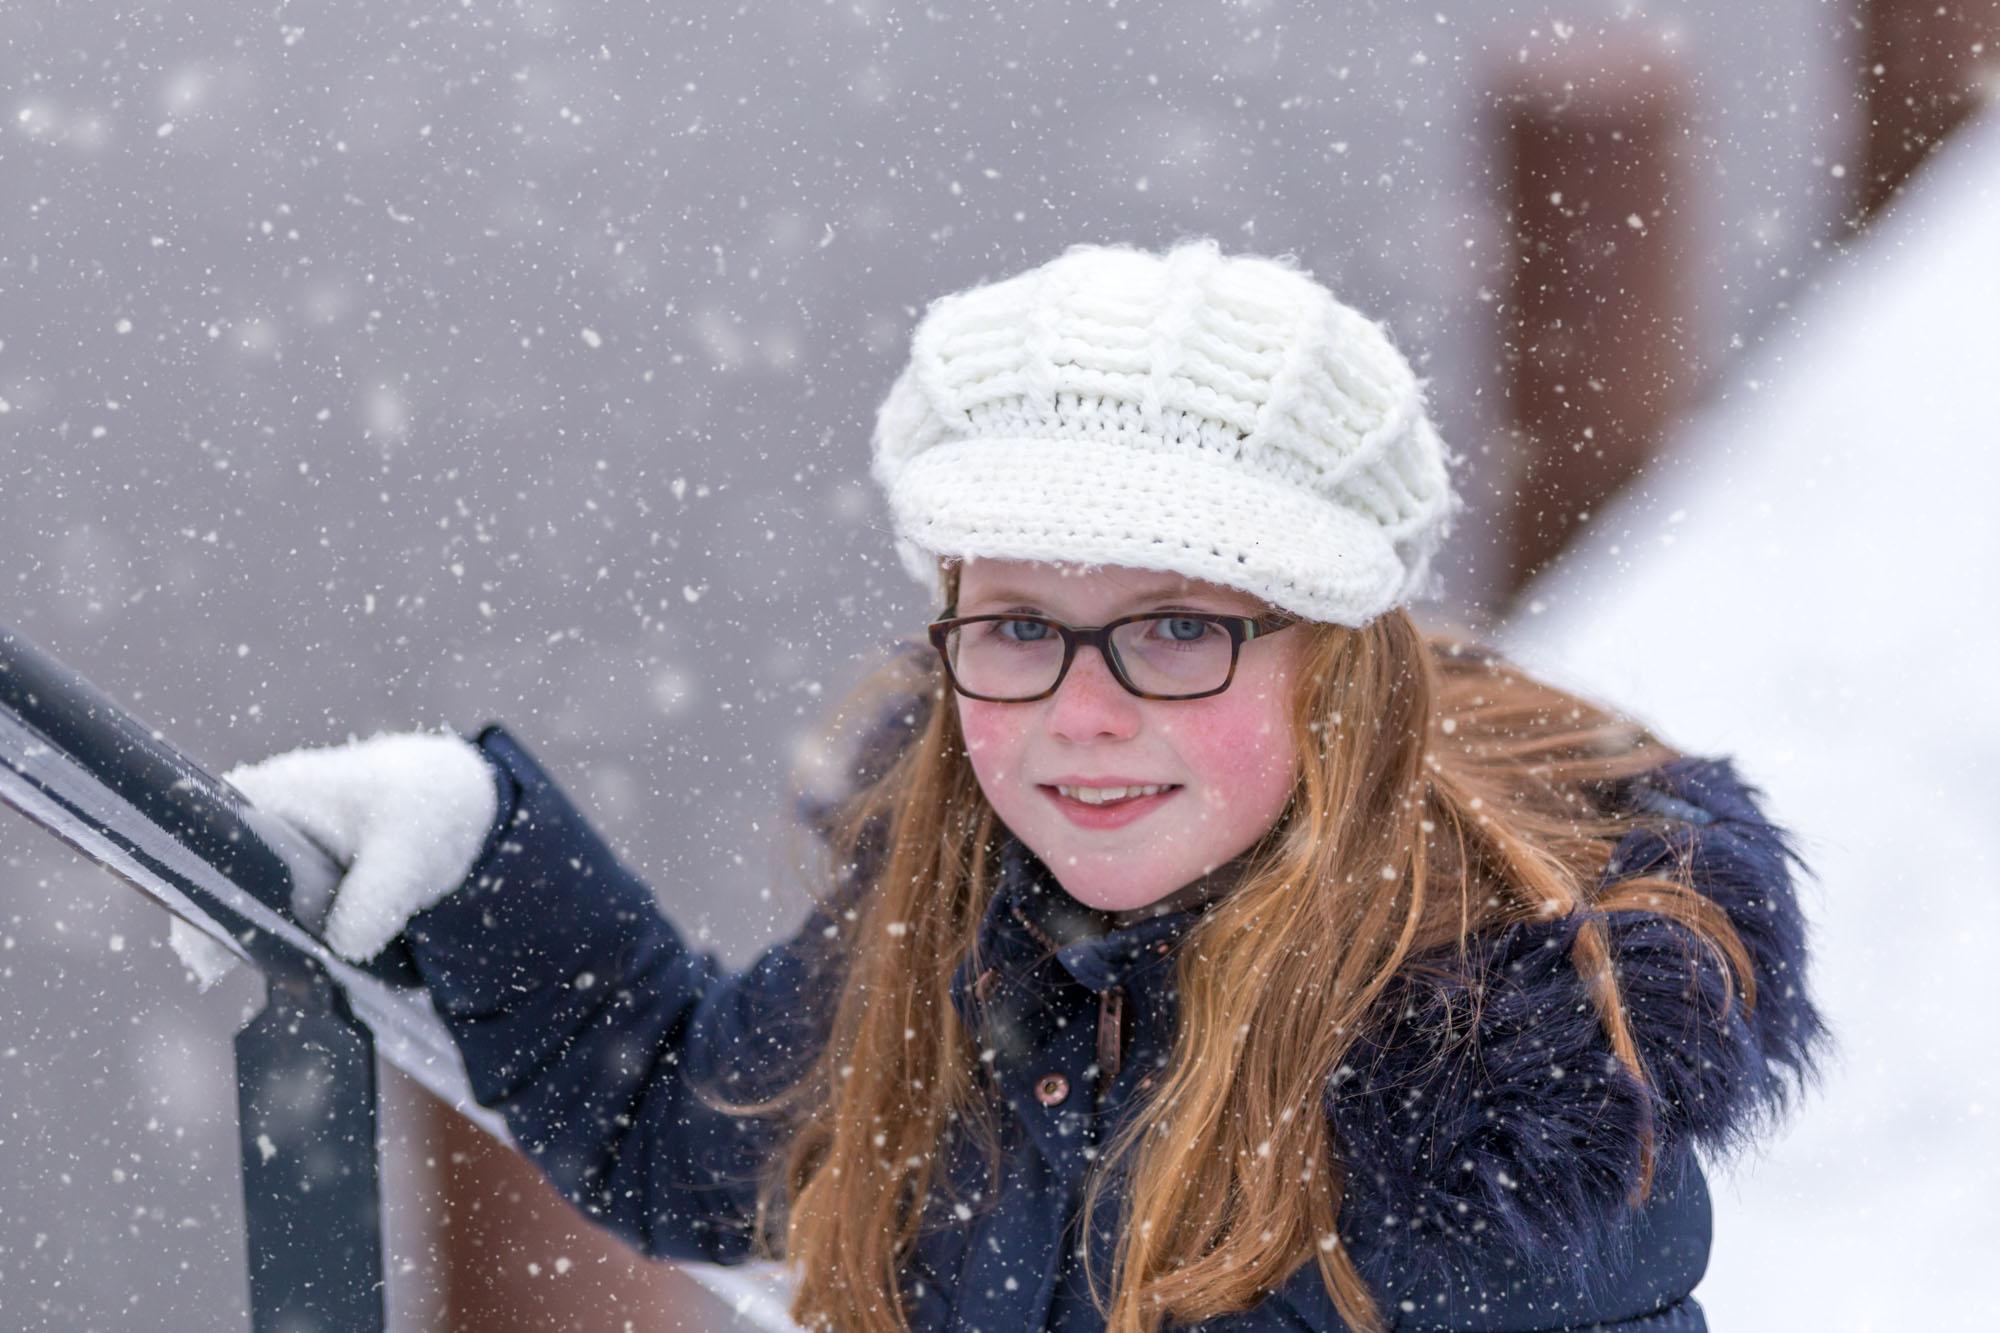 kind portret van meisje met muts in de sneeuw door mayrafotografie